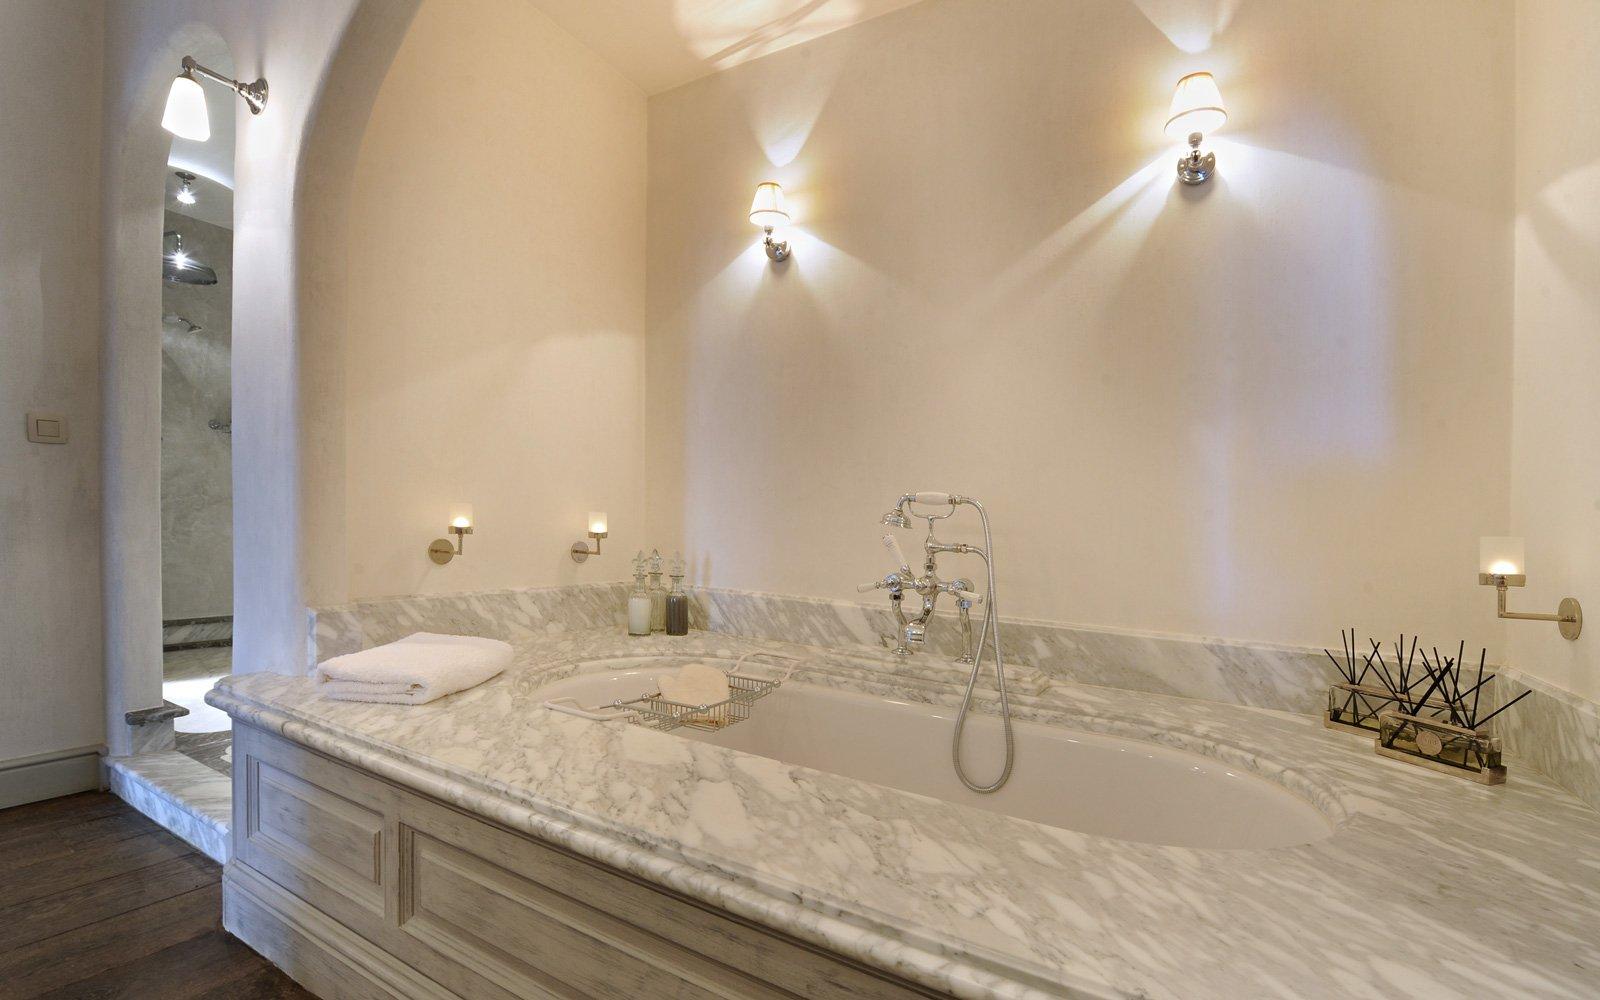 Badkamer, bad, wit marmer, Italiaans, authentiek, woonhuis als showroom, Dauby